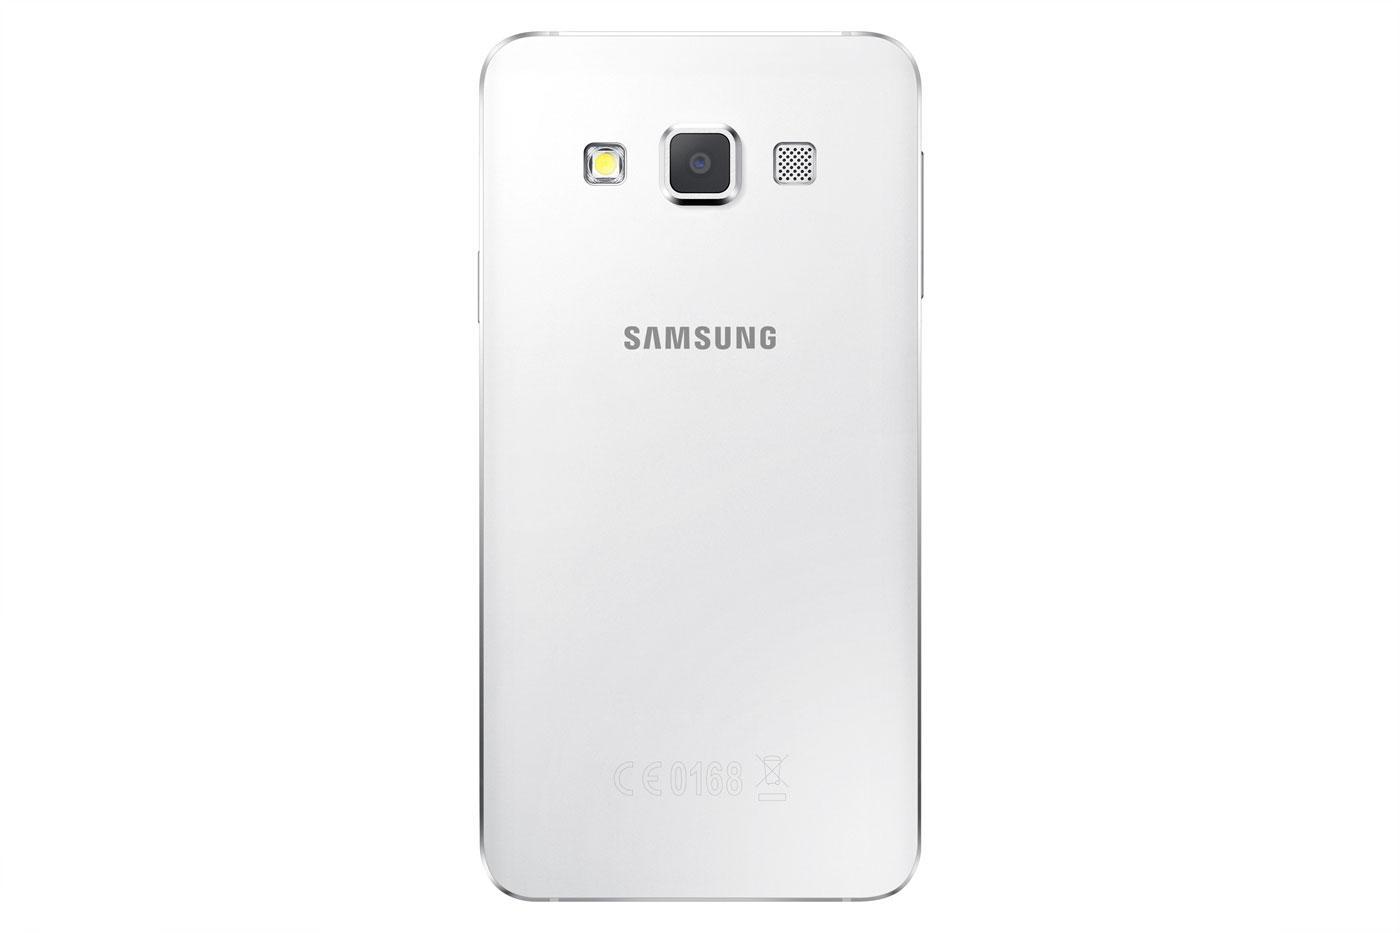 Samsung Galaxy A3 en color blanco trasera y cámara